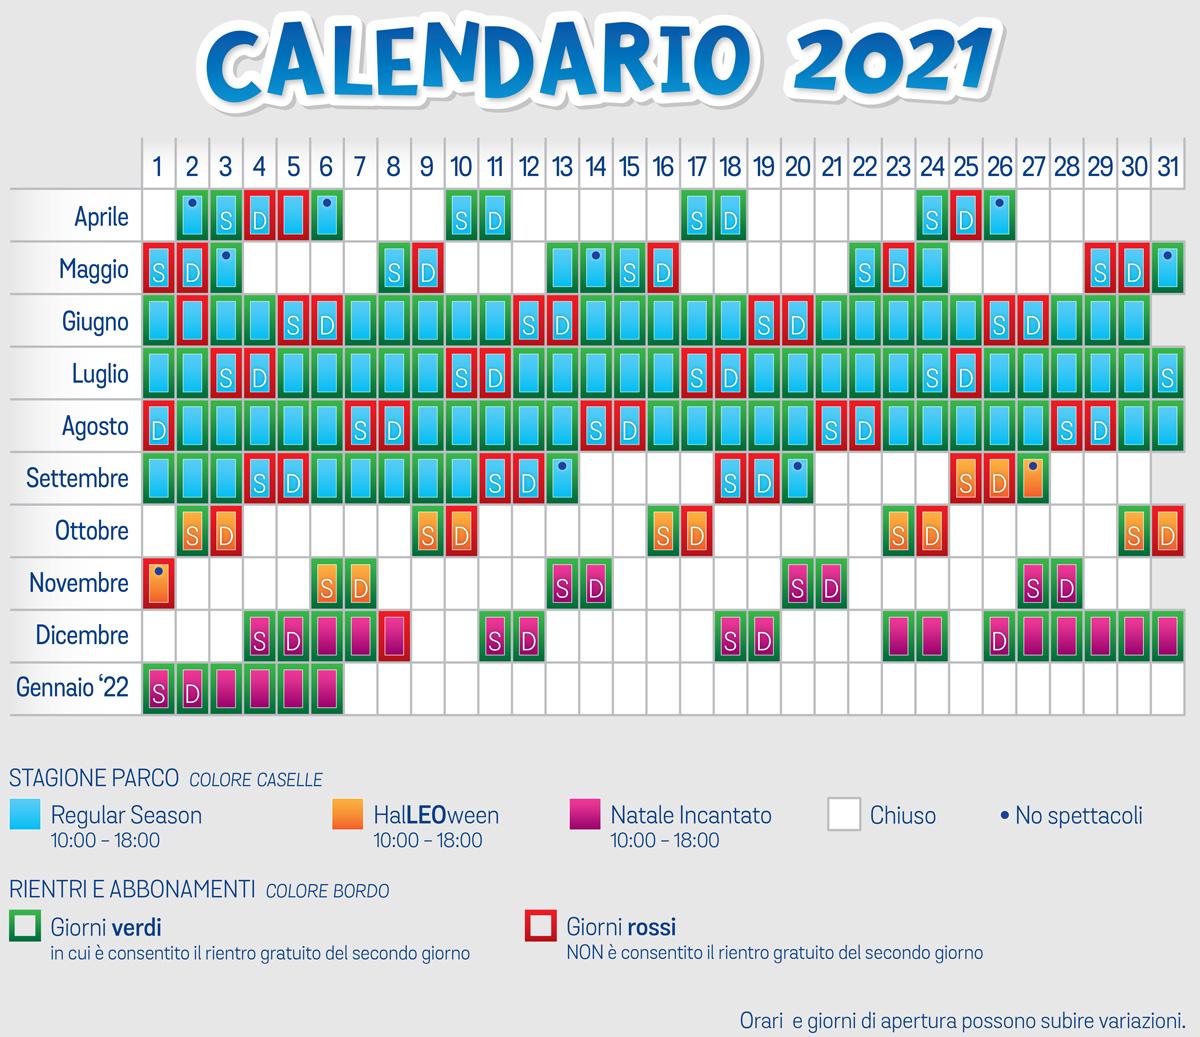 Calendario Leolandia 2021